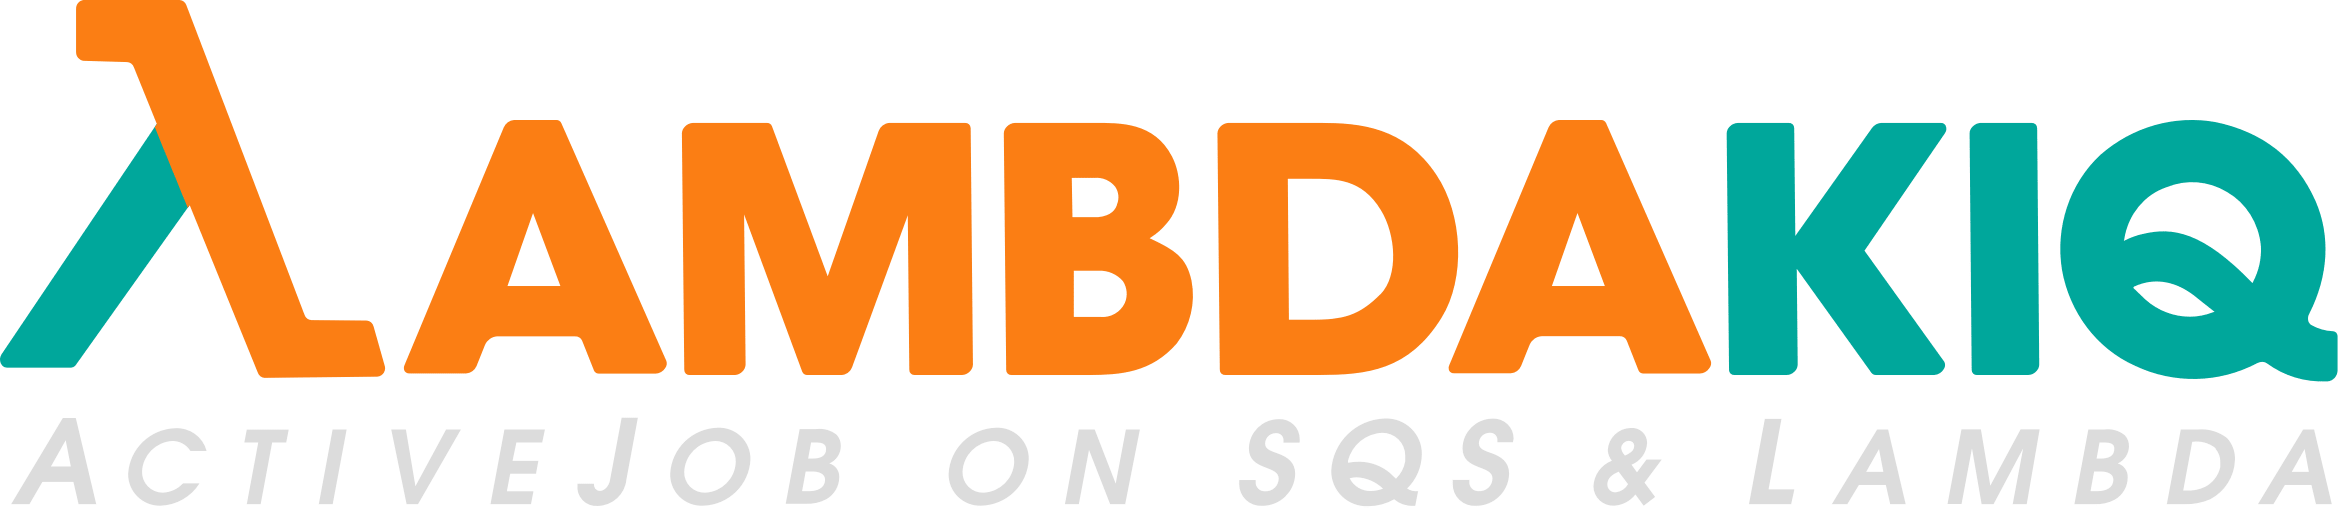 Lambdakiq - ActiveJob on SQS & Lambda